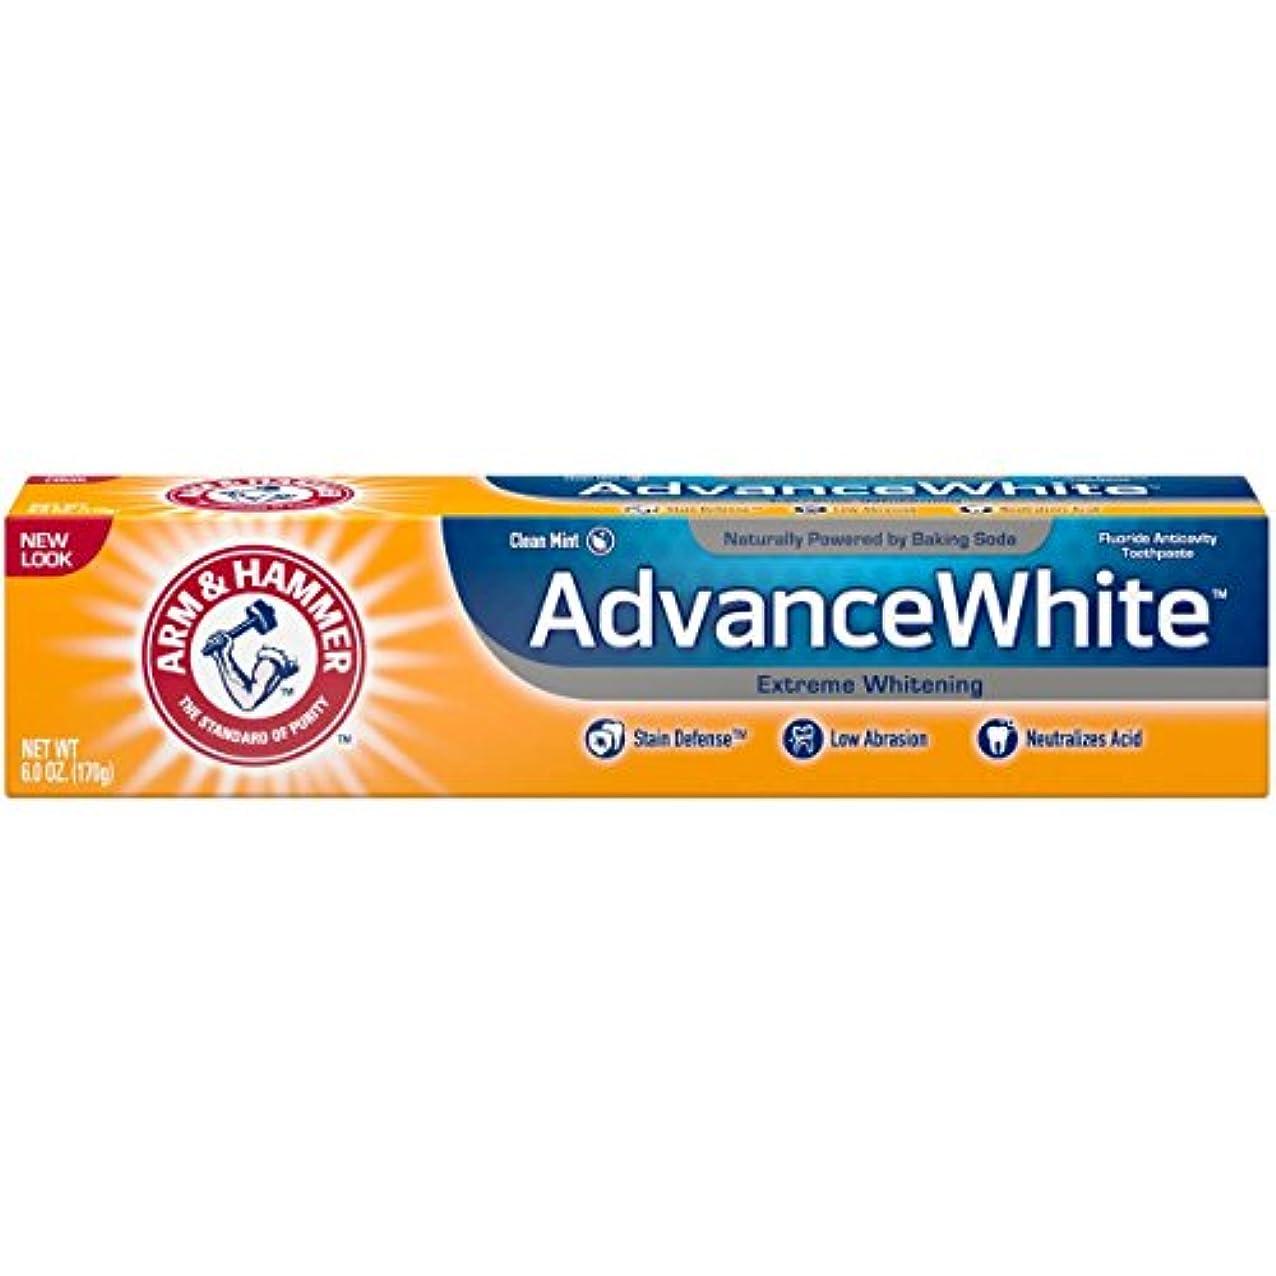 原点蒸オズワルドArm & Hammer アドバンスホワイトエクストリームホワイトニングで染色防衛の歯磨き粉、6オズ(3パック) 3パック